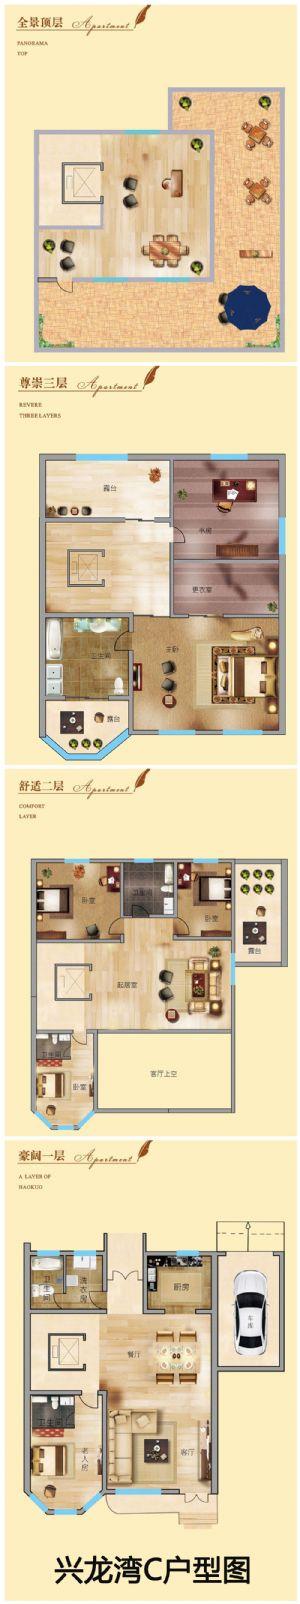 兴龙湾C户型图-五室二厅五卫一厨-户型图